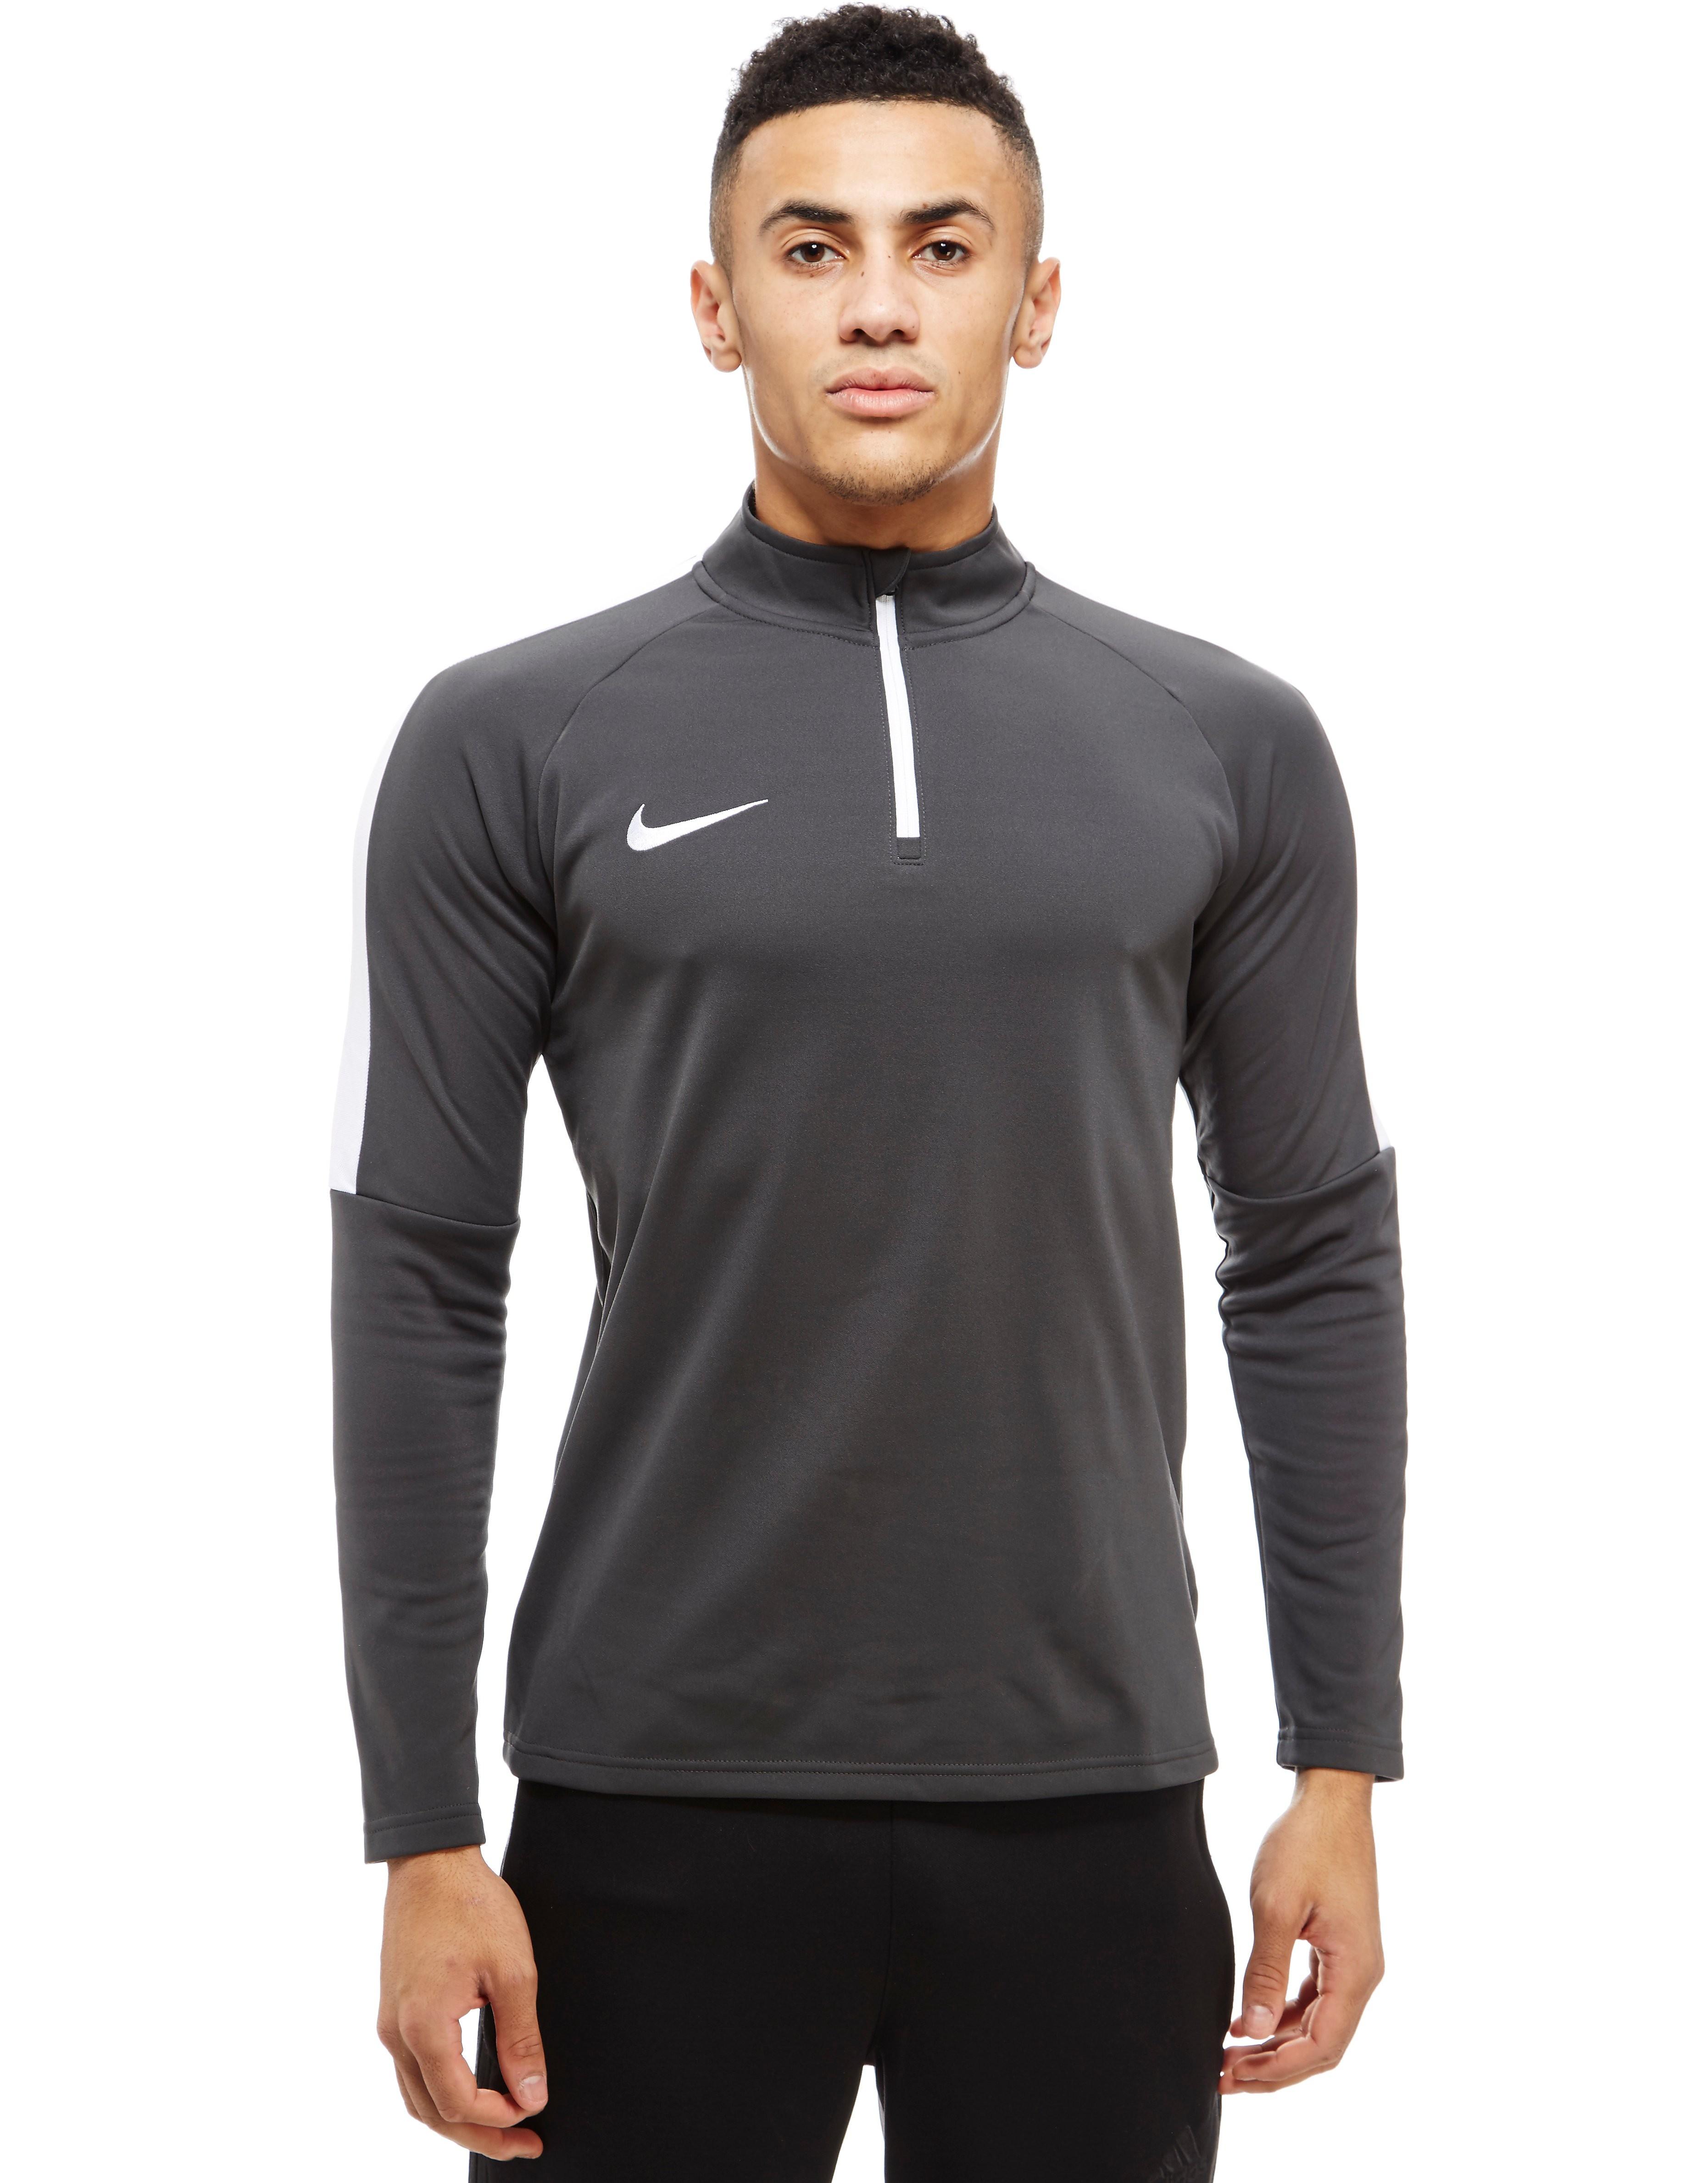 Nike Academy 17 Langarm Top